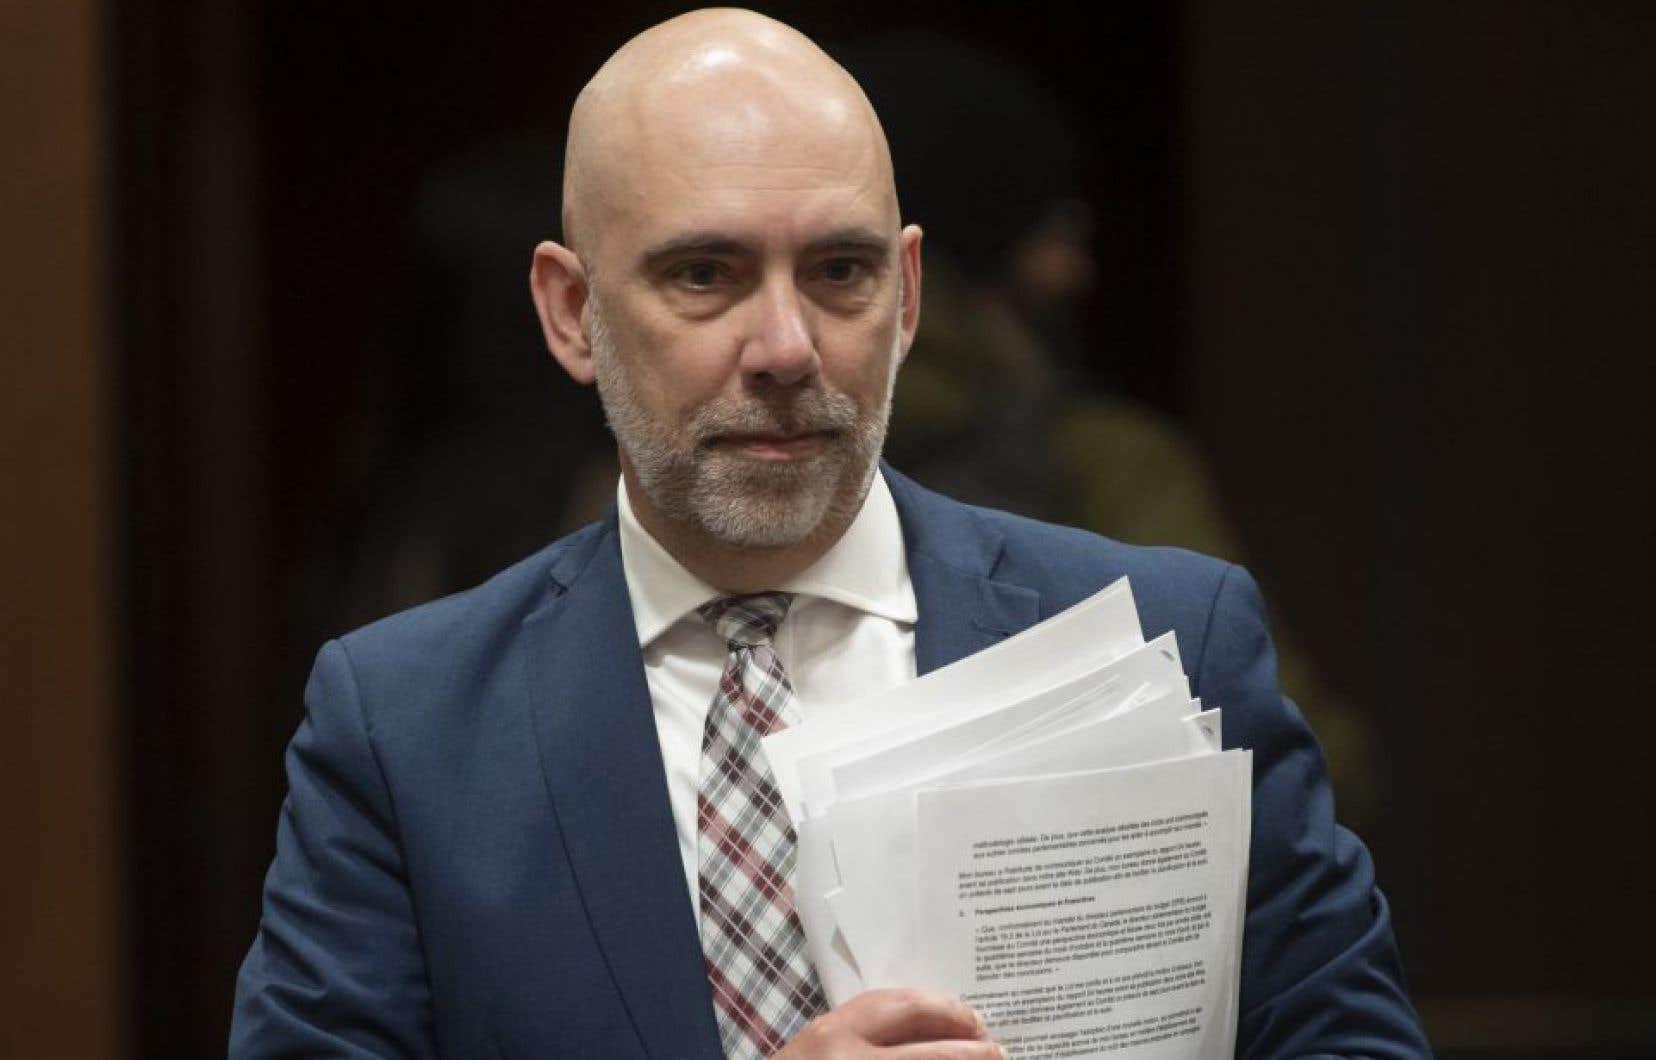 Le directeur parlementaire du budget à Ottawa, Yves Giroux, se dit préoccupé par la situation sans précédent qui vient sans capacité de surveillance immédiate de la part du Parlement.